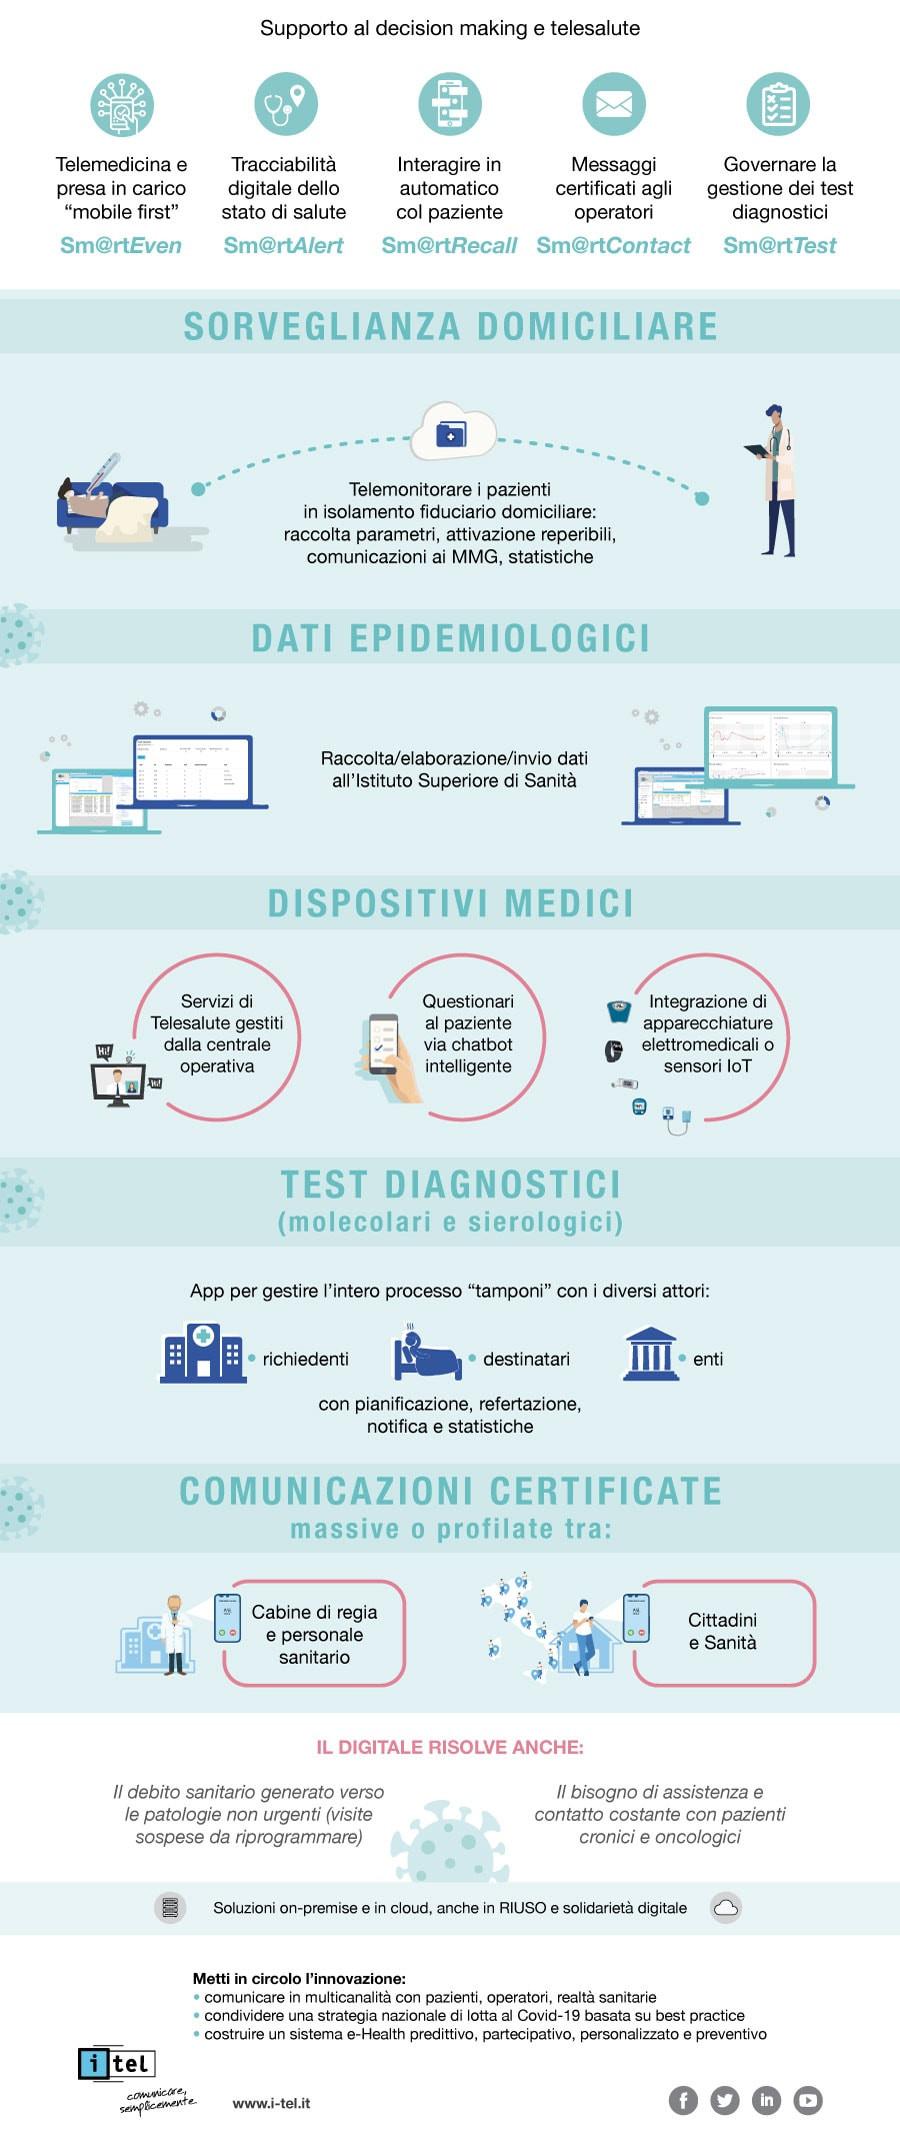 Tecnologie digitali per la lotta al covid-19 a supporto della Sanità - Infografica - parte 2